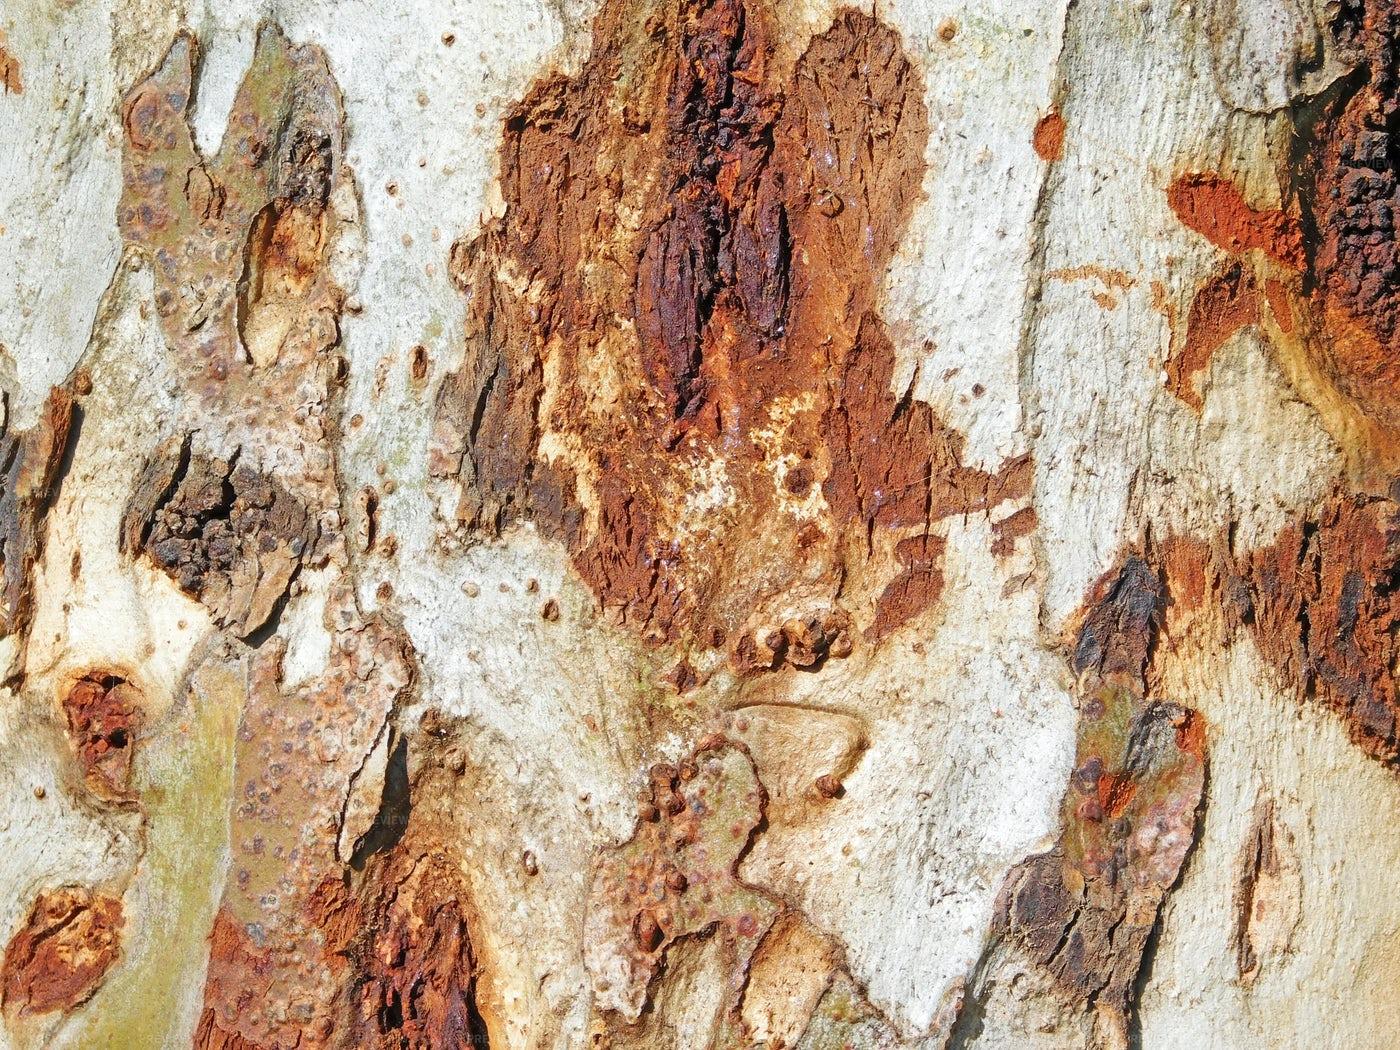 Tree Trunk Close-Up: Stock Photos